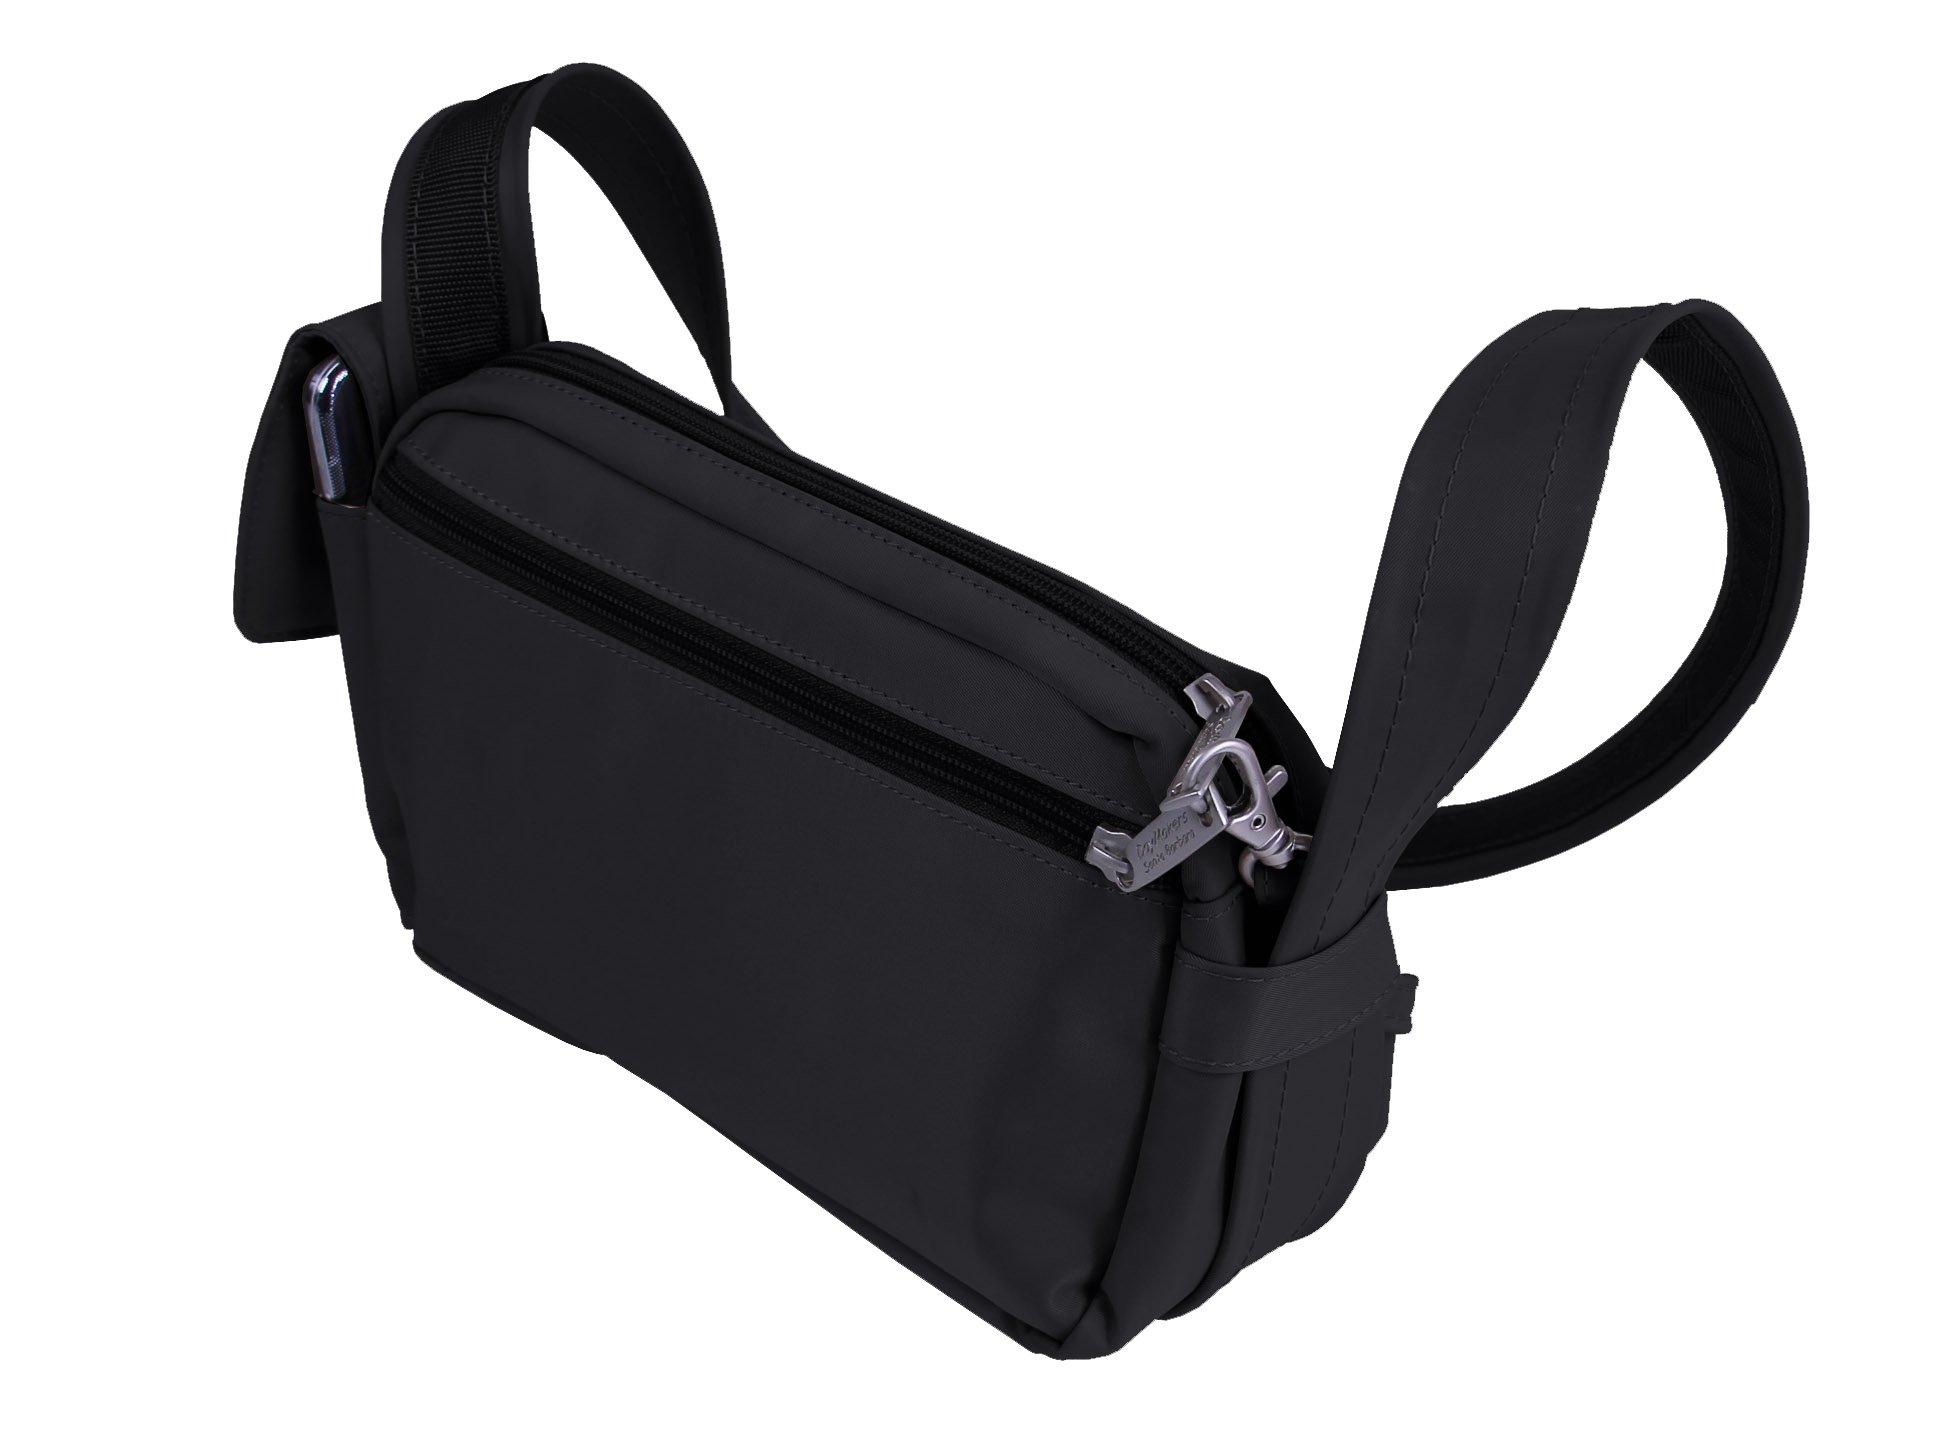 Be Safe Bags Anti-Theft Waist Travel Bag, 3-Way Convertible